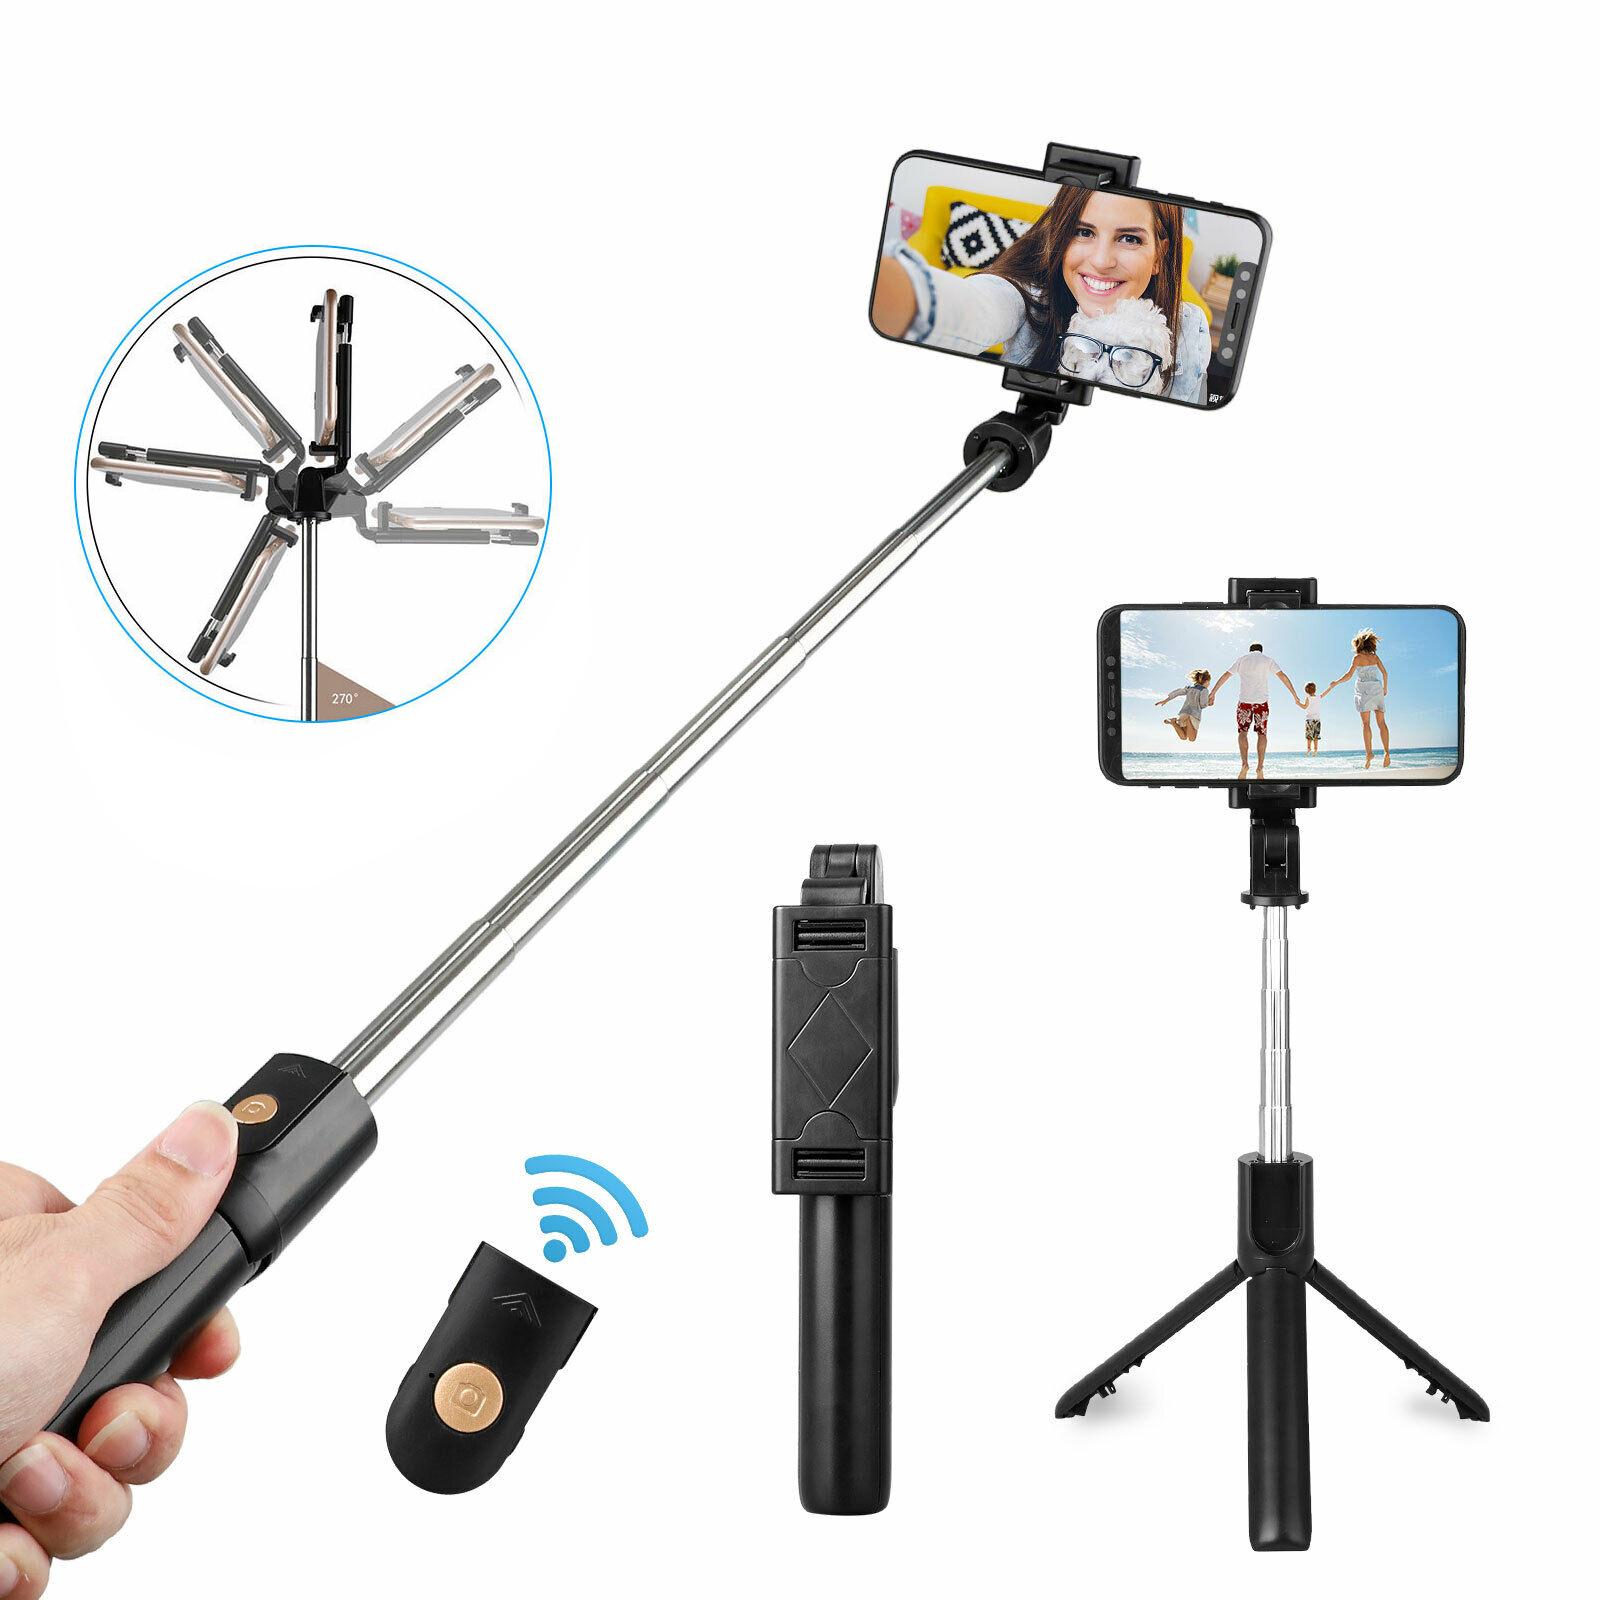 Wireless BT Selfie Stick Shutter Remote Extendable Tripod Ph